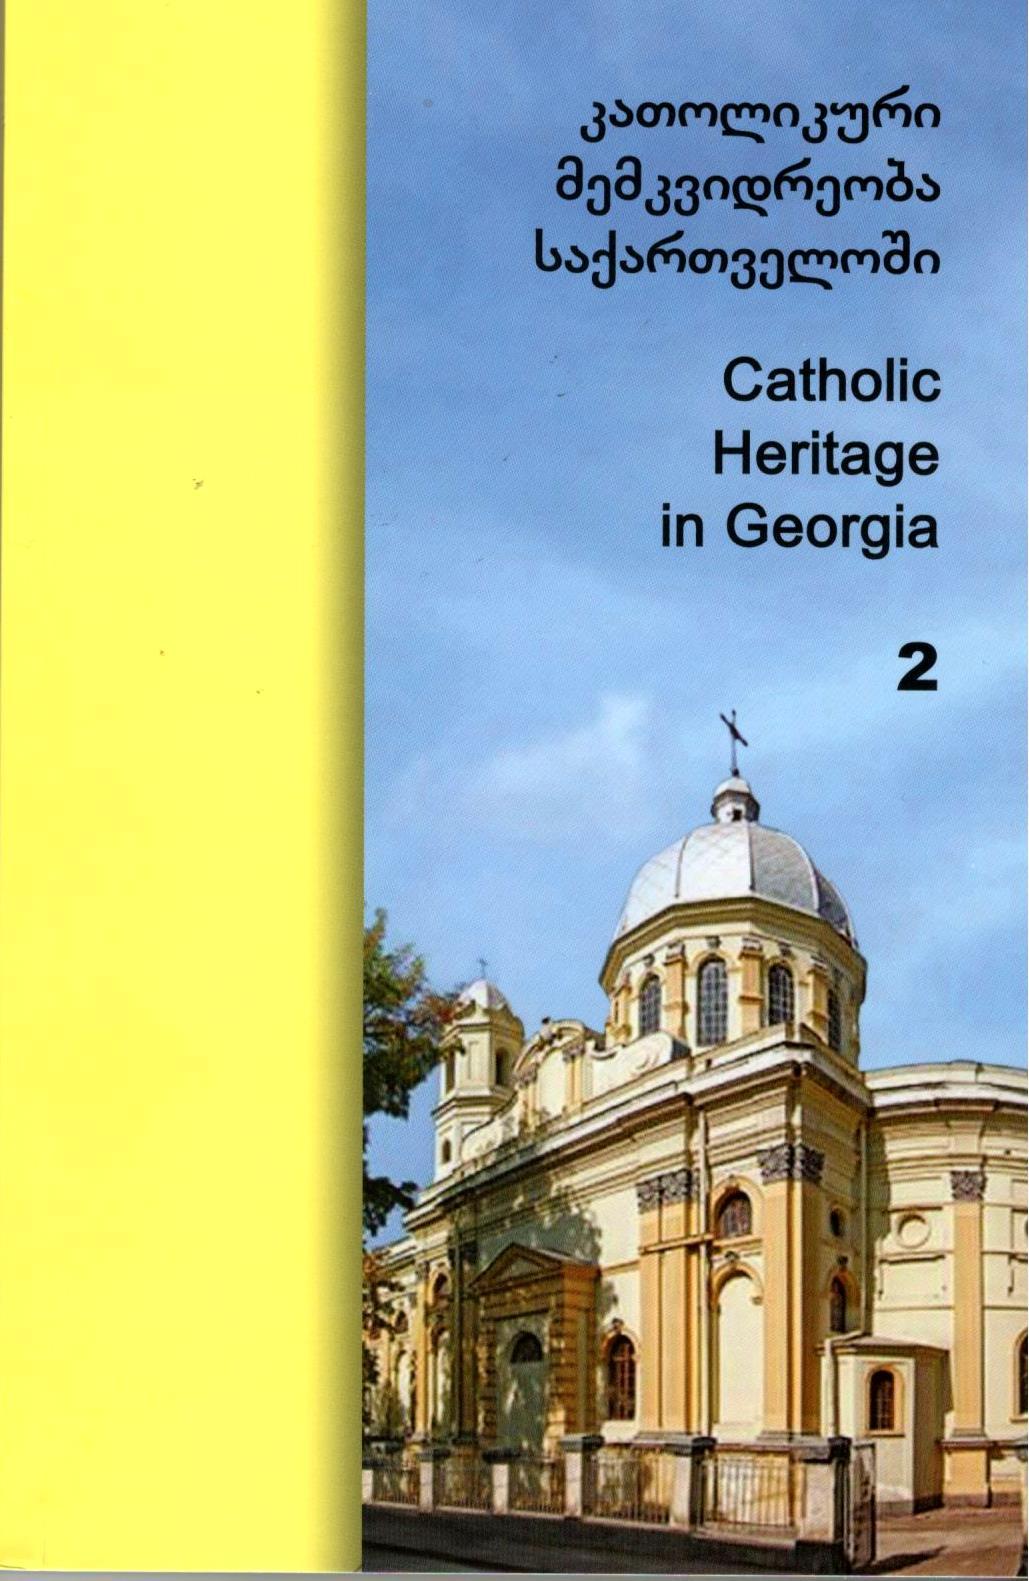 კათოლიკური მემკვიდრეობა საქართველოში 2.